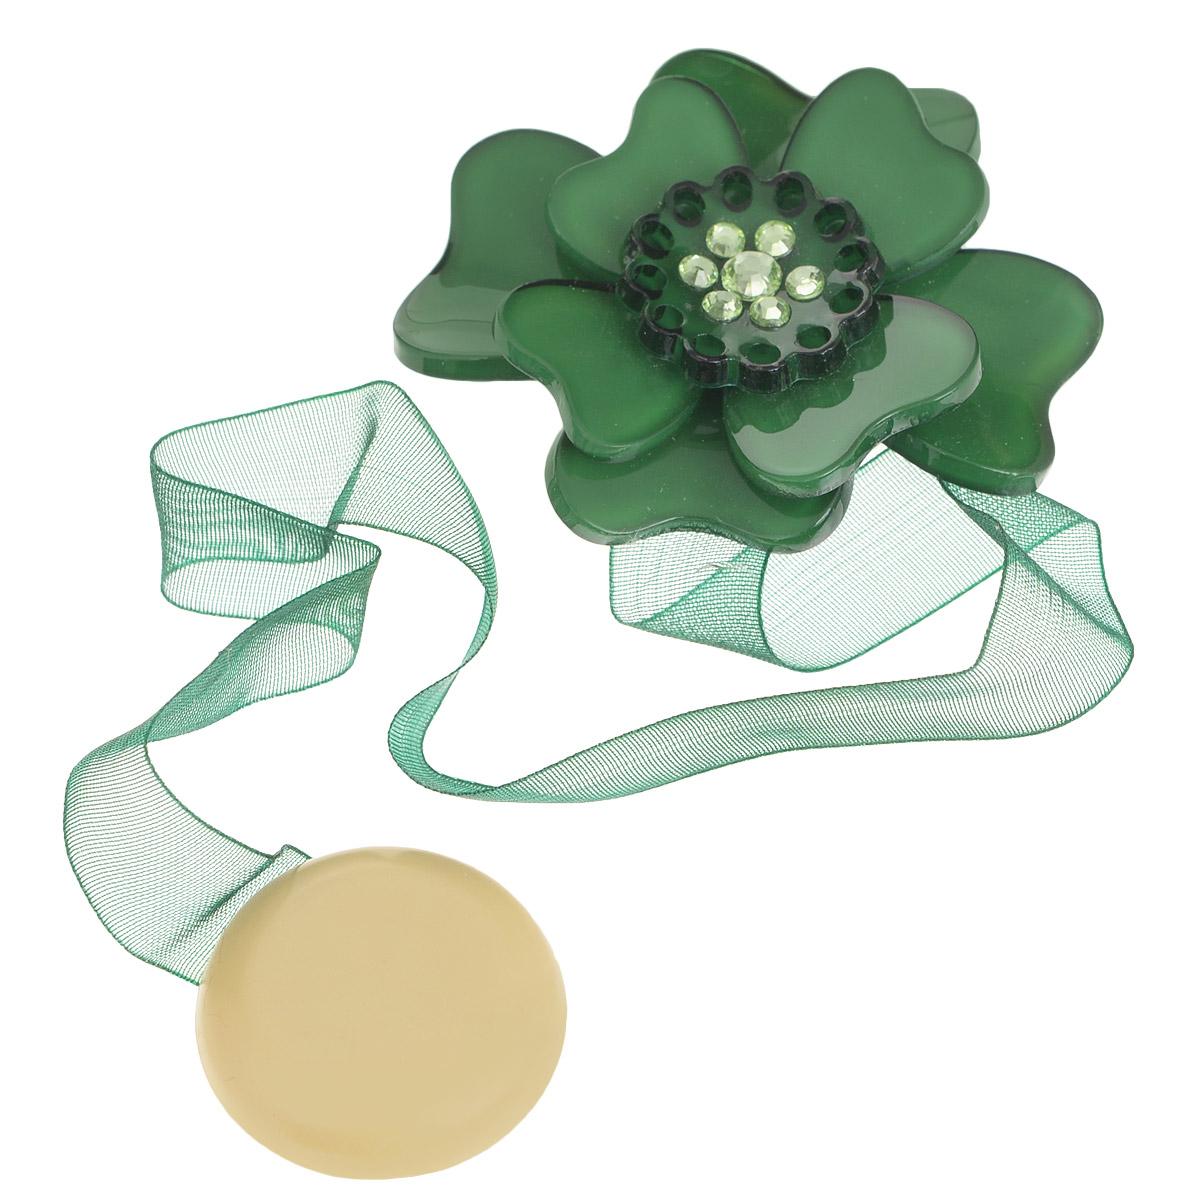 Клипса-магнит для штор Calamita Fiore, цвет: бутылочный. 7704008_6307704008_630Клипса-магнит Calamita Fiore, изготовленная из пластика и текстиля, предназначена для придания формы шторам. Изделие представляет собой два магнита, расположенные на разных концах текстильной ленты. Один из магнитов оформлен декоративным цветком и украшен стразами. С помощью такой магнитной клипсы можно зафиксировать портьеры, придать им требуемое положение, сделать складки симметричными или приблизить портьеры, скрепить их. Клипсы для штор являются универсальным изделием, которое превосходно подойдет как для штор в детской комнате, так и для штор в гостиной. Следует отметить, что клипсы для штор выполняют не только практическую функцию, но также являются одной из основных деталей декора этого изделия, которая придает шторам восхитительный, стильный внешний вид. Материал: пластик, полиэстер, магнит.Диаметр декоративного цветка: 5 см.Диаметр магнита: 2,5 см.Длина ленты: 28 см.